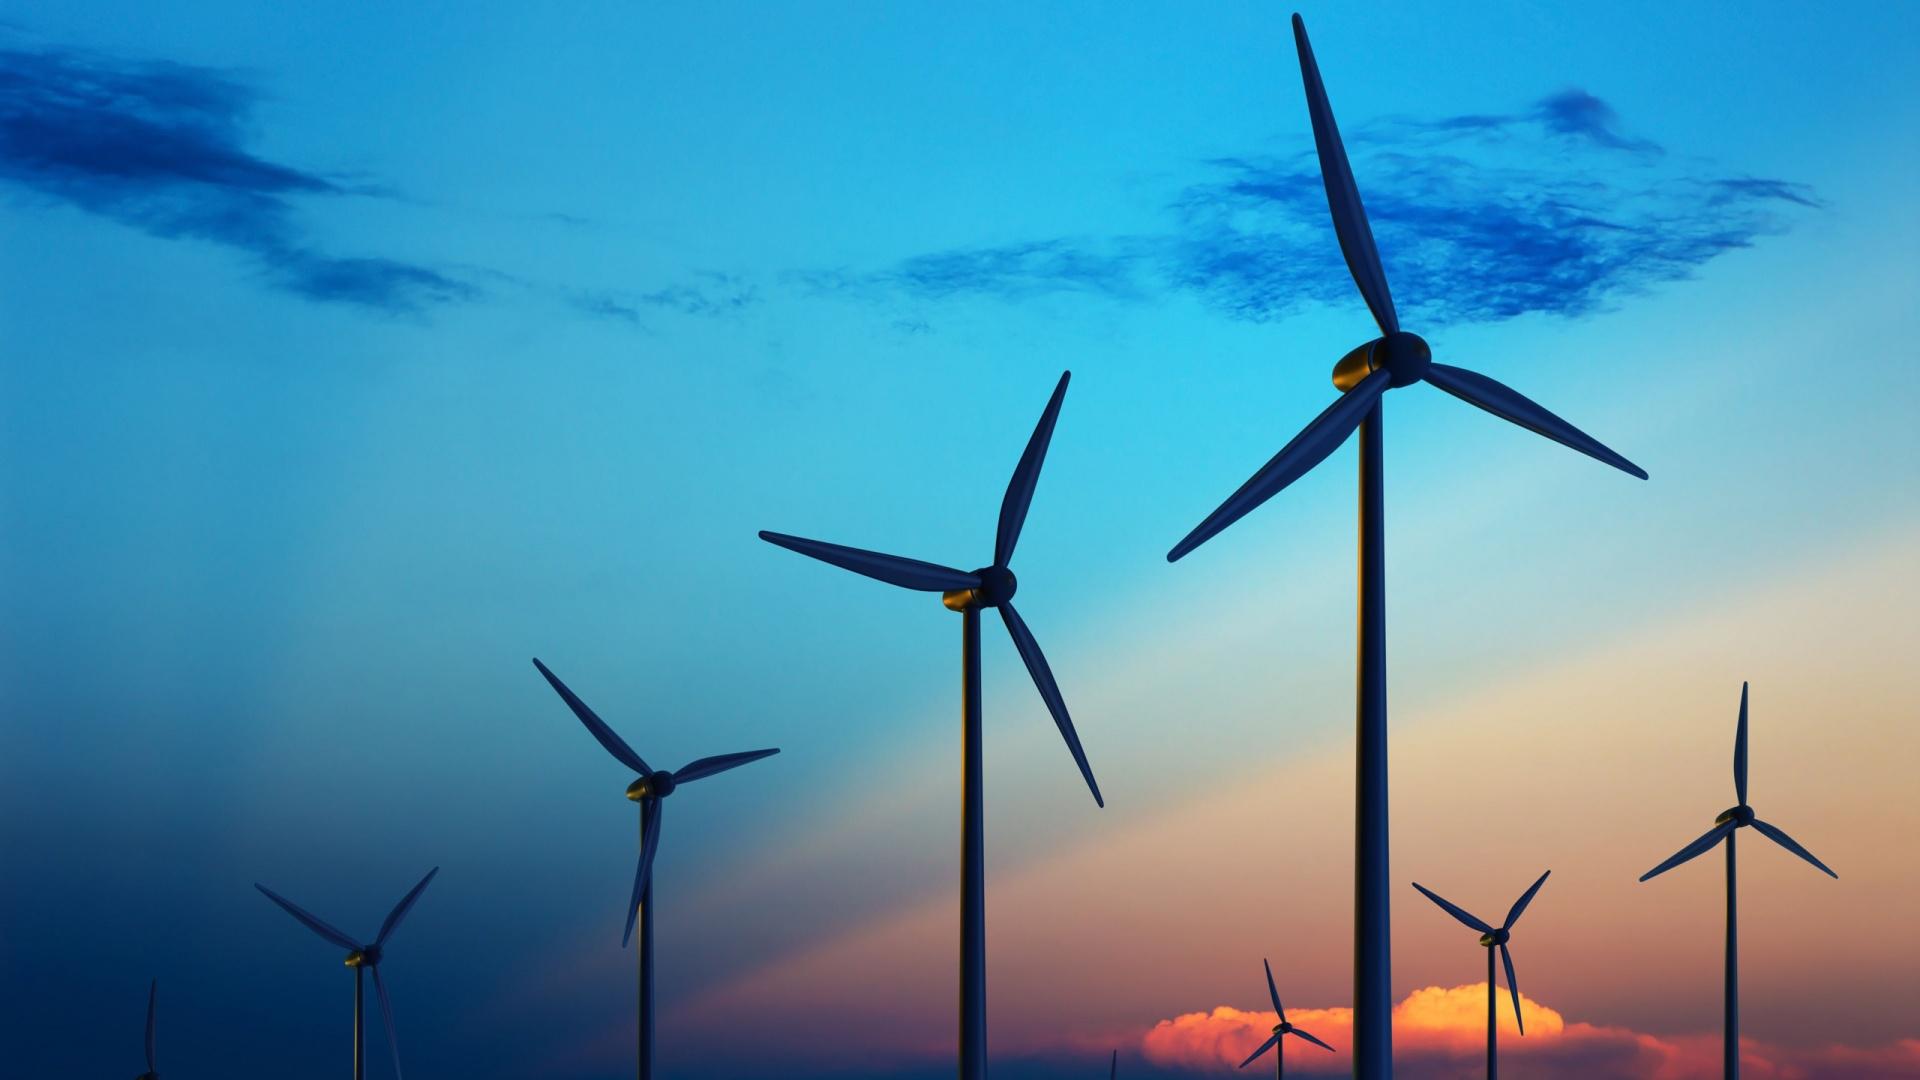 beautiful-wind-turbines-at-night-1920x1080-1-1